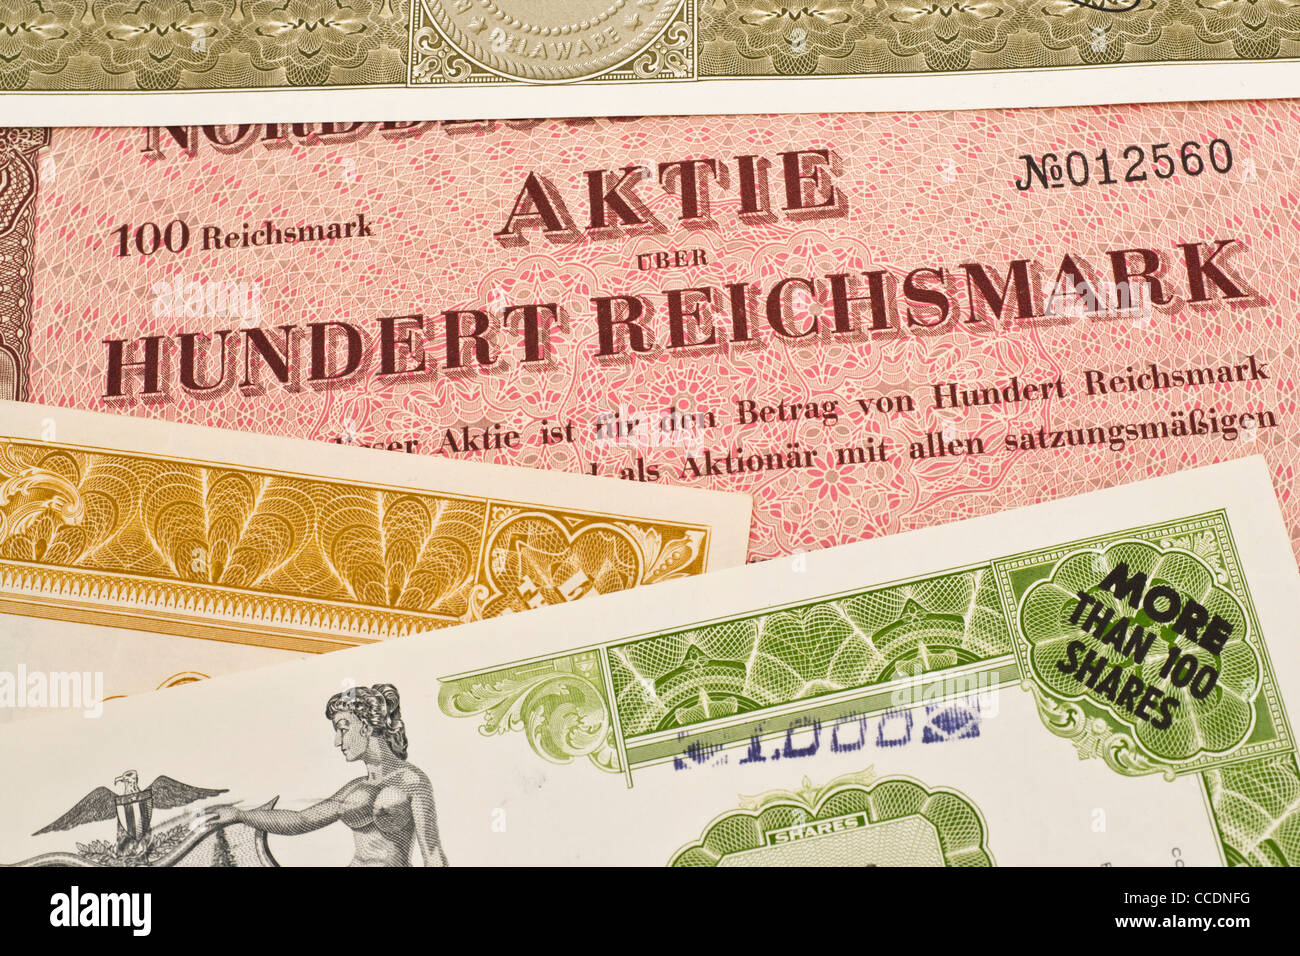 Detailansicht verschiedener alter Aktien | detail photo of some old shares Stock Photo